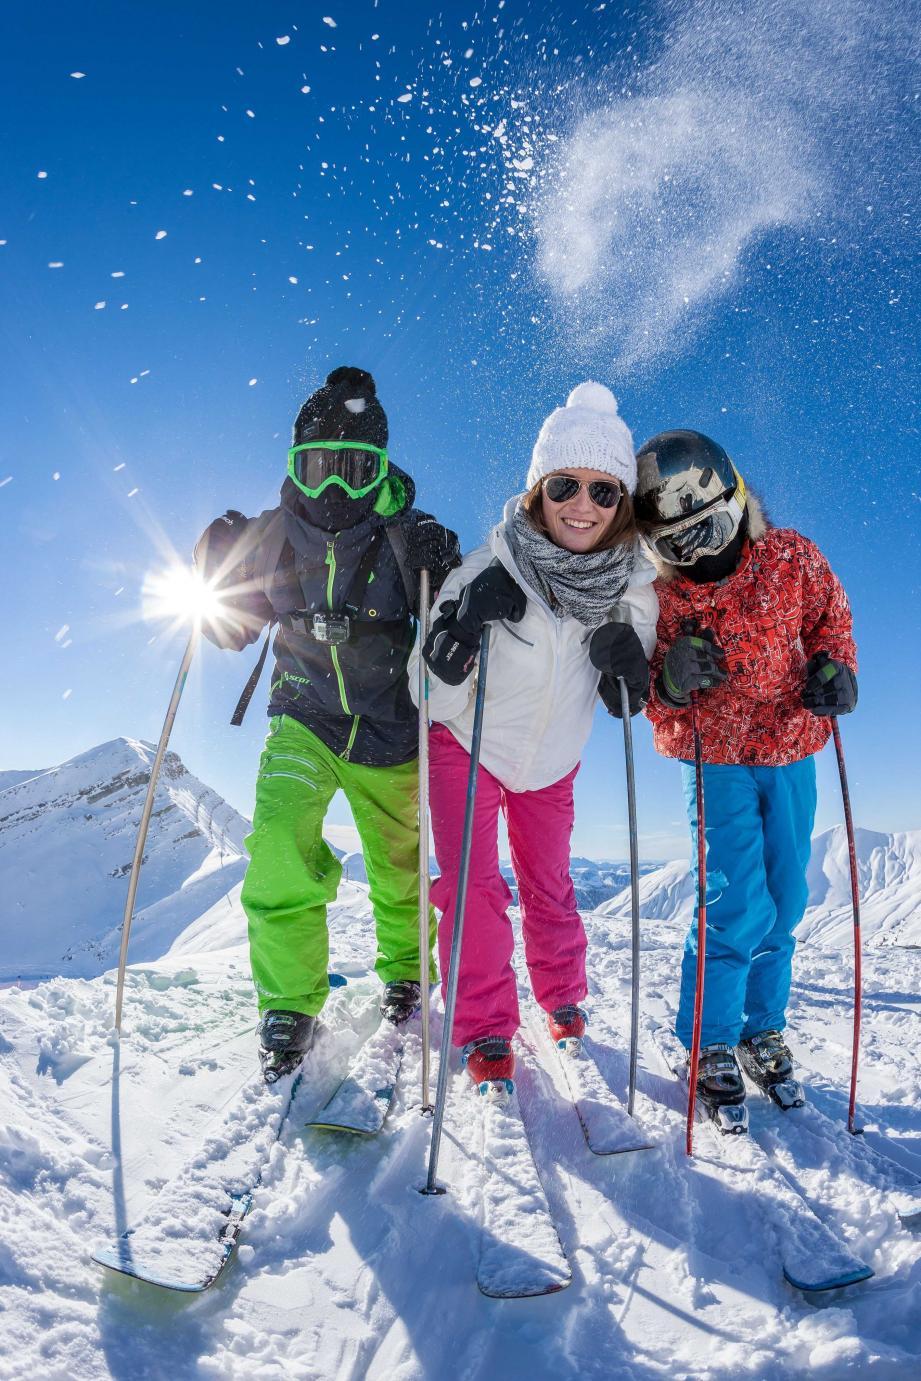 Ce week-end on ski en famille sur les pistes du Val d'Allos.